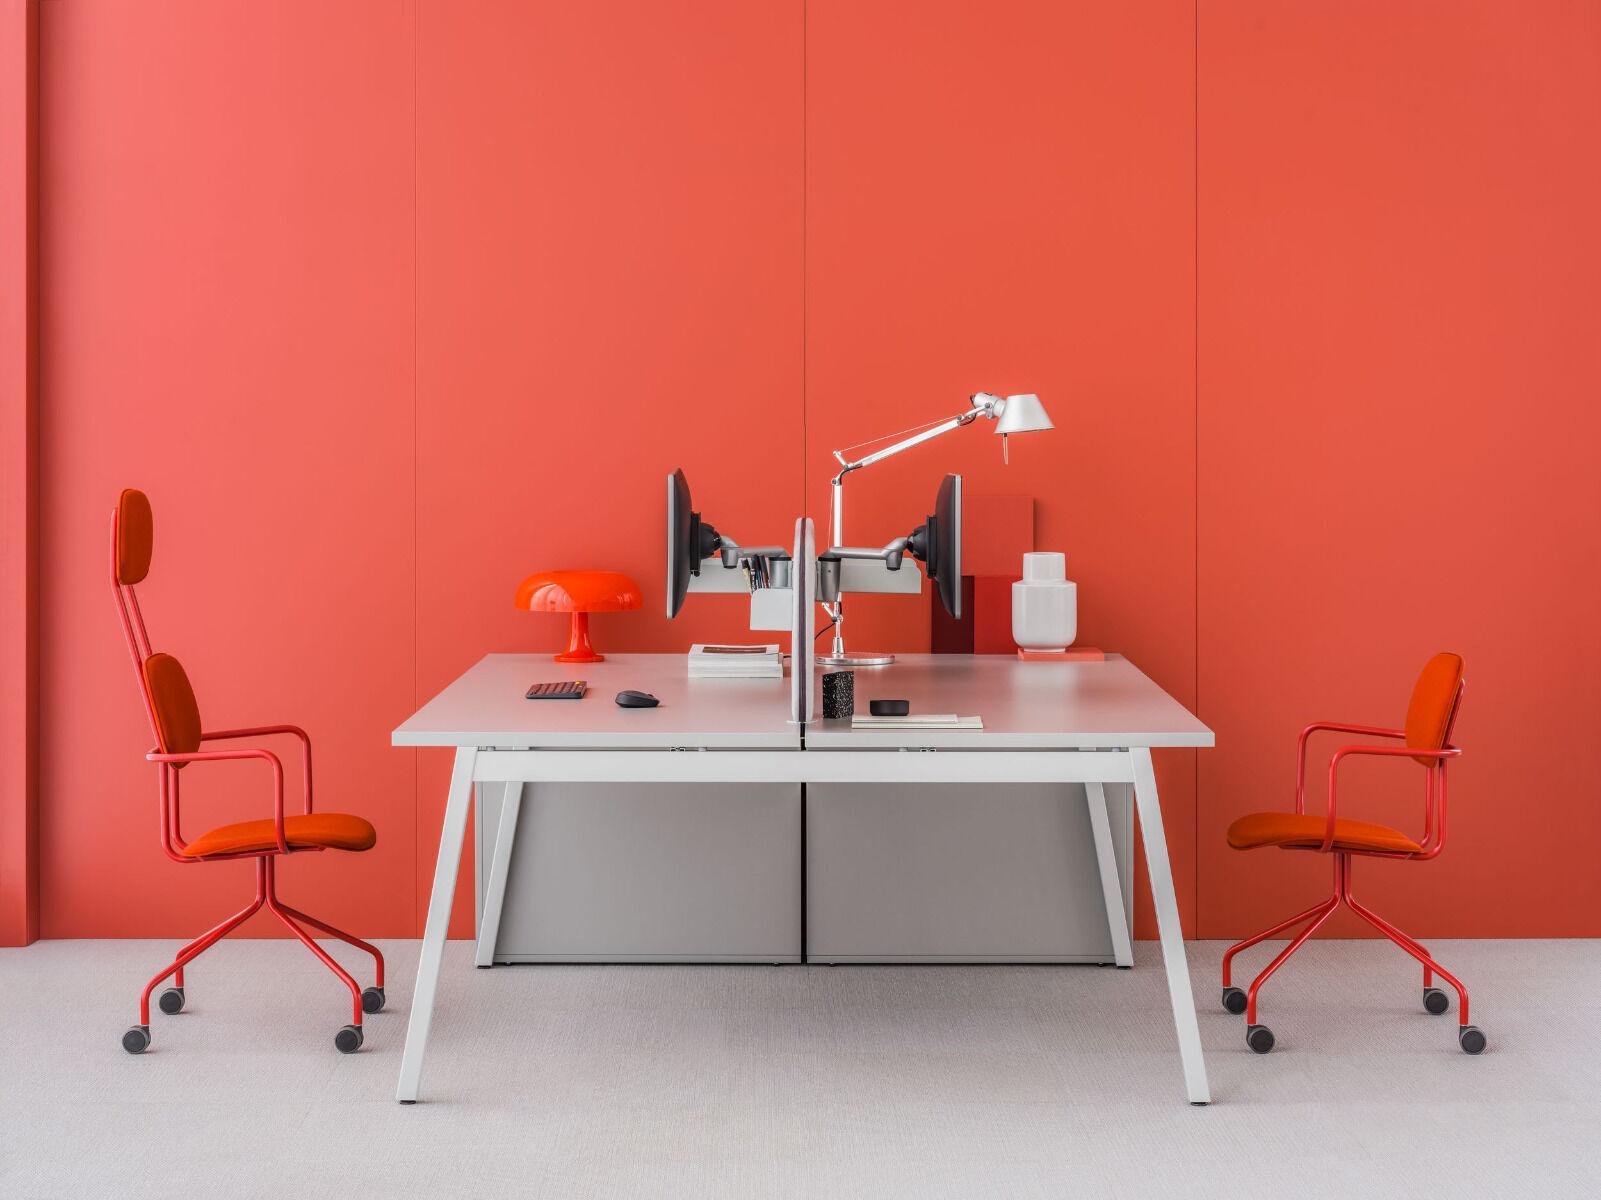 workstation desk ogi m mdd 1 1 1